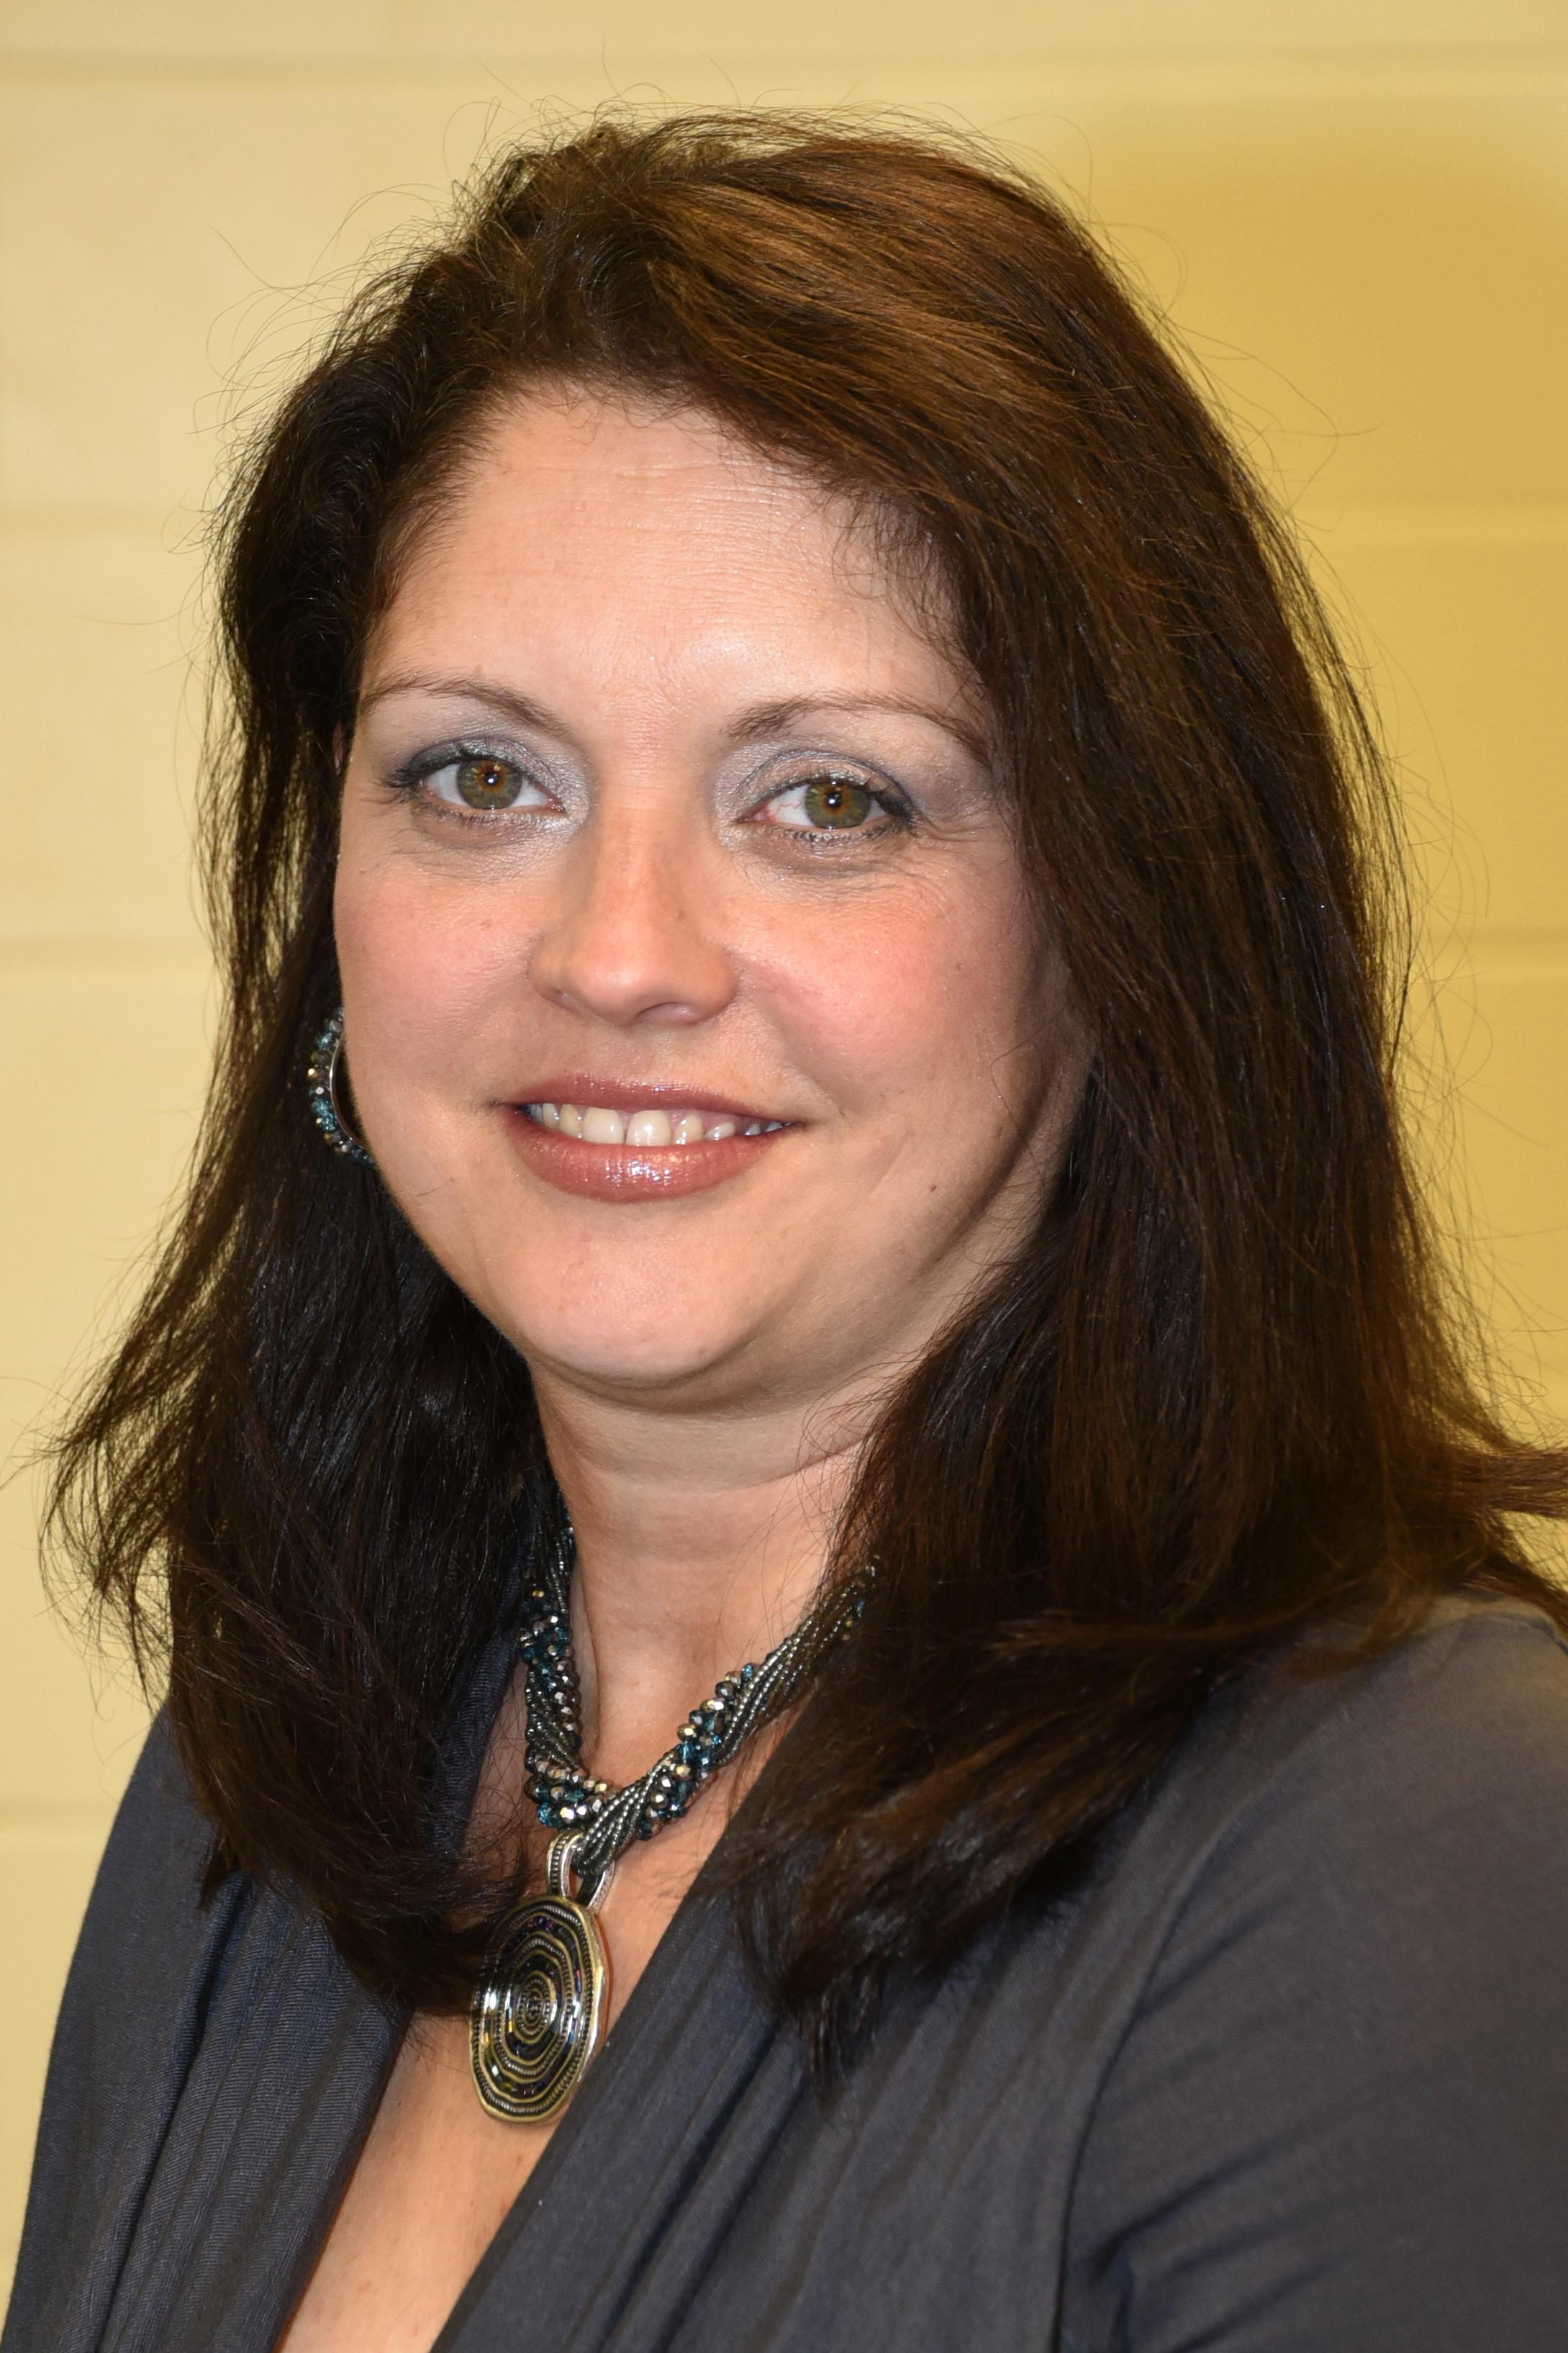 School Board Vice President Kristine Kilburg